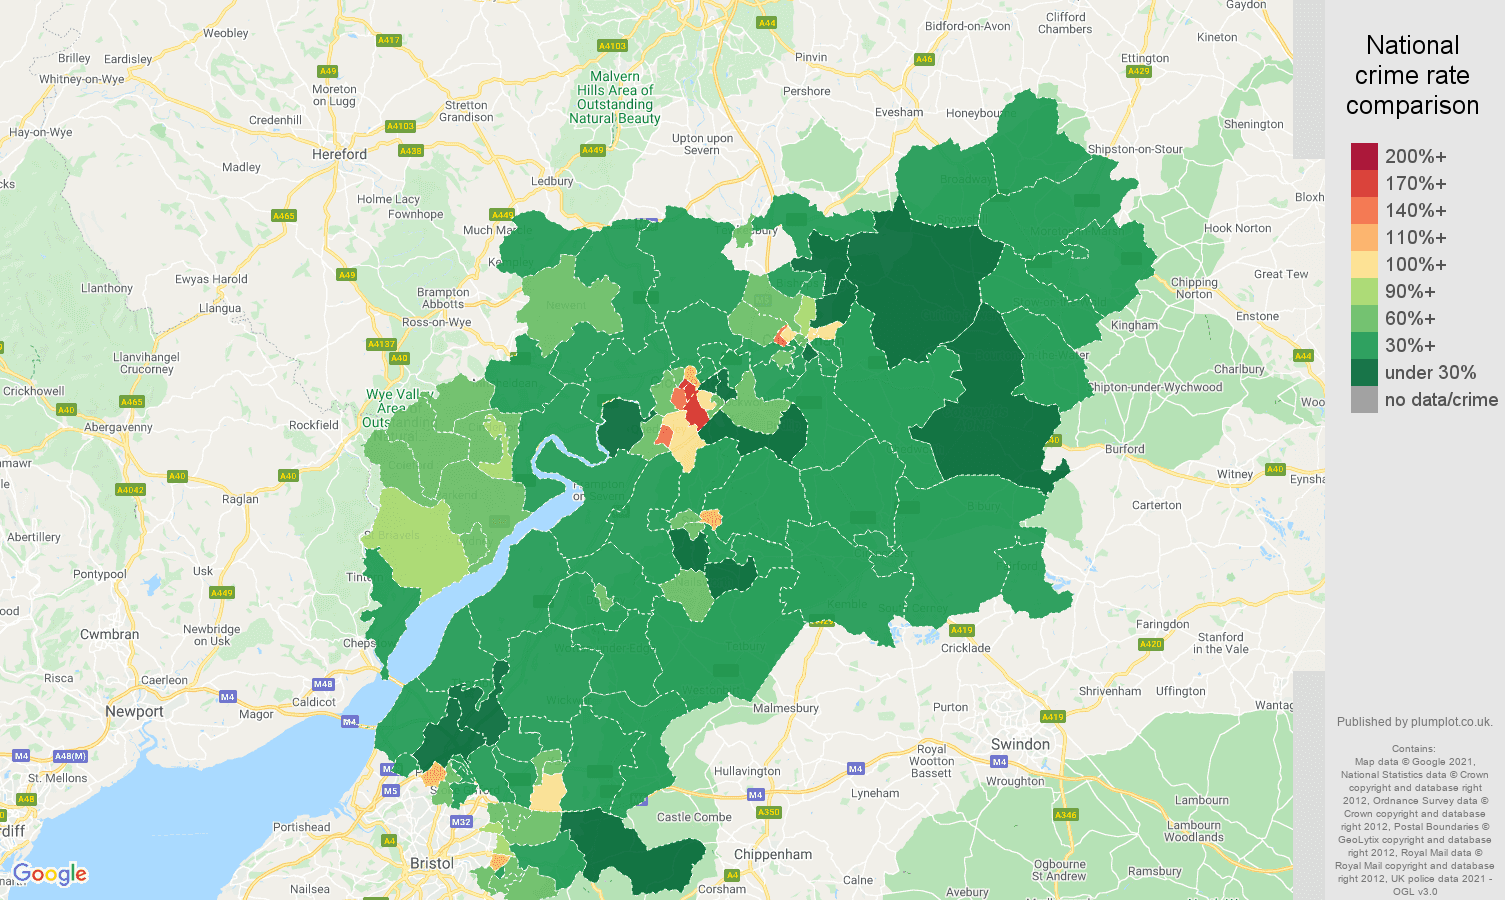 Gloucestershire violent crime rate comparison map